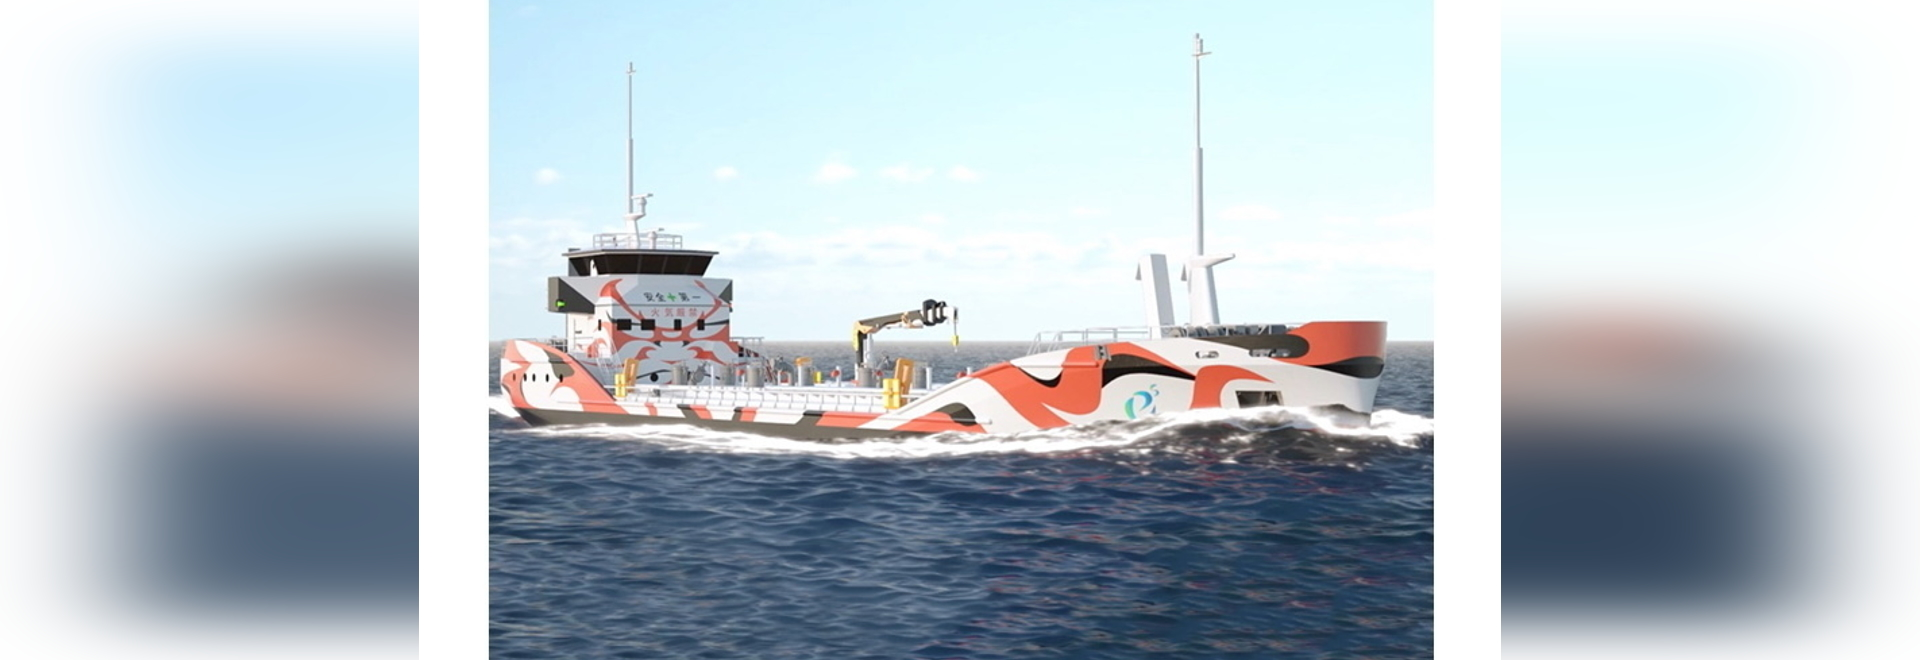 Le laboratoire e5 du Japon va développer une série standard de navires électriques